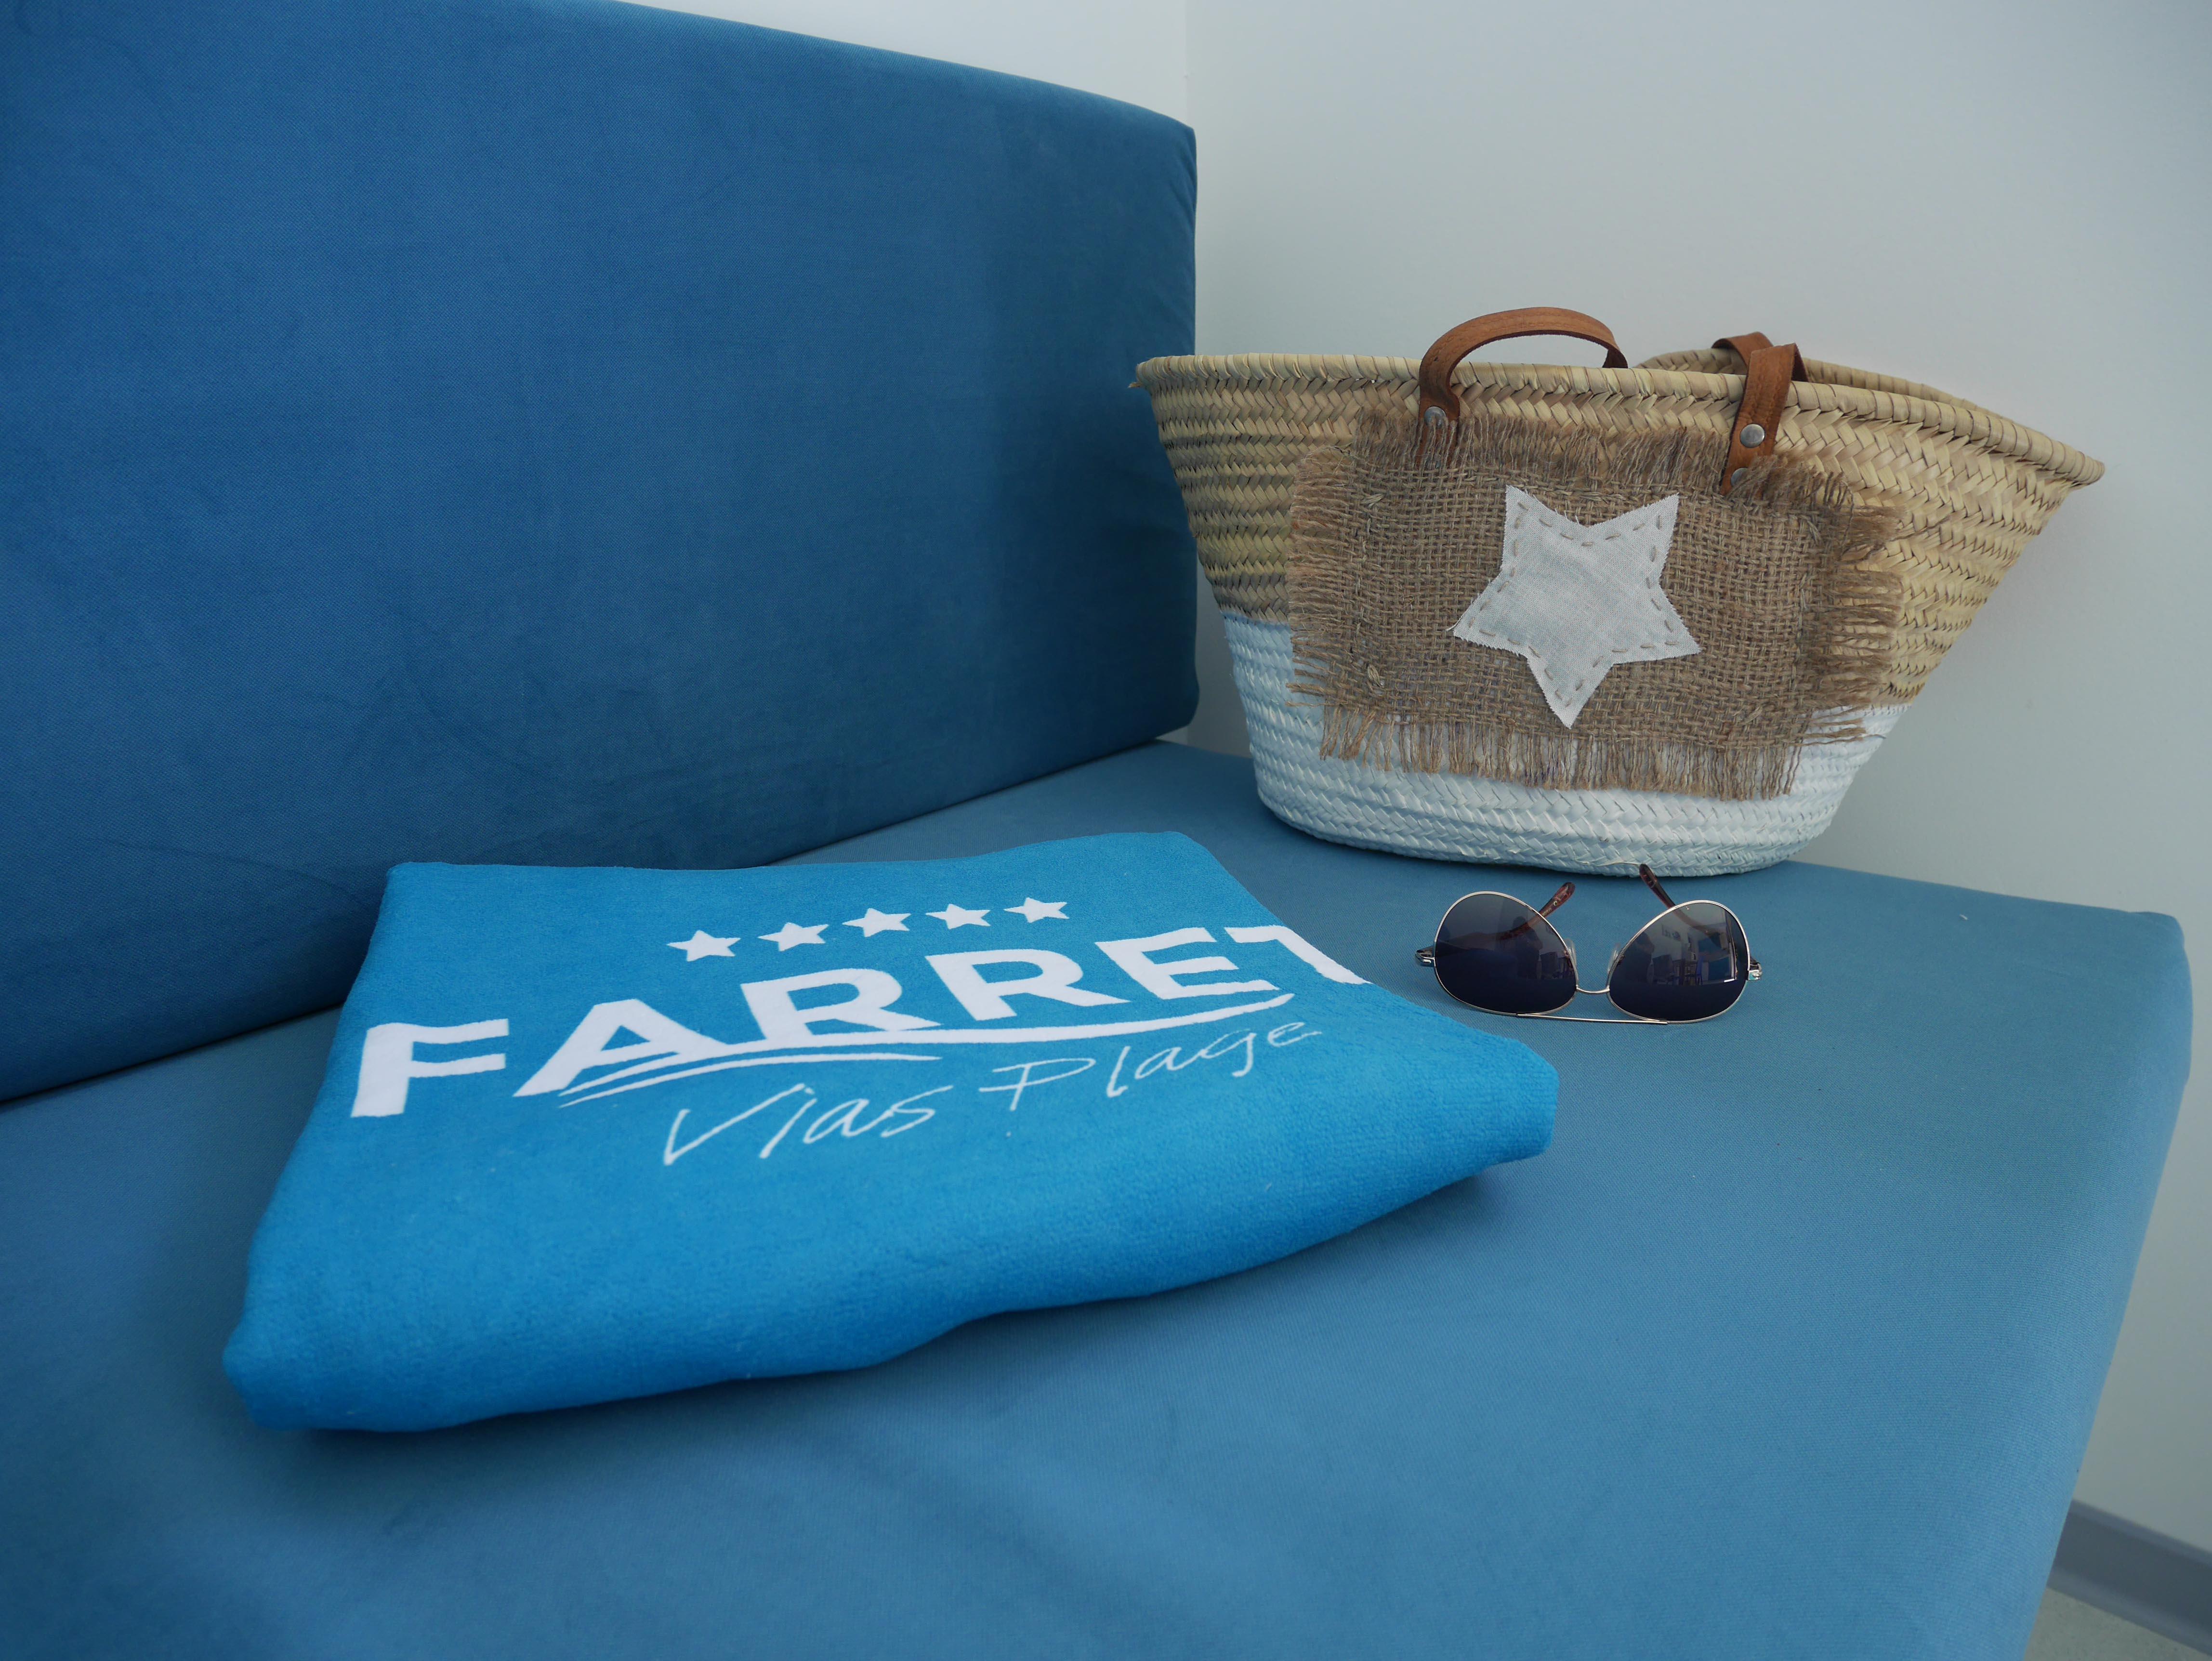 Serviette, lunettes et sac de plage